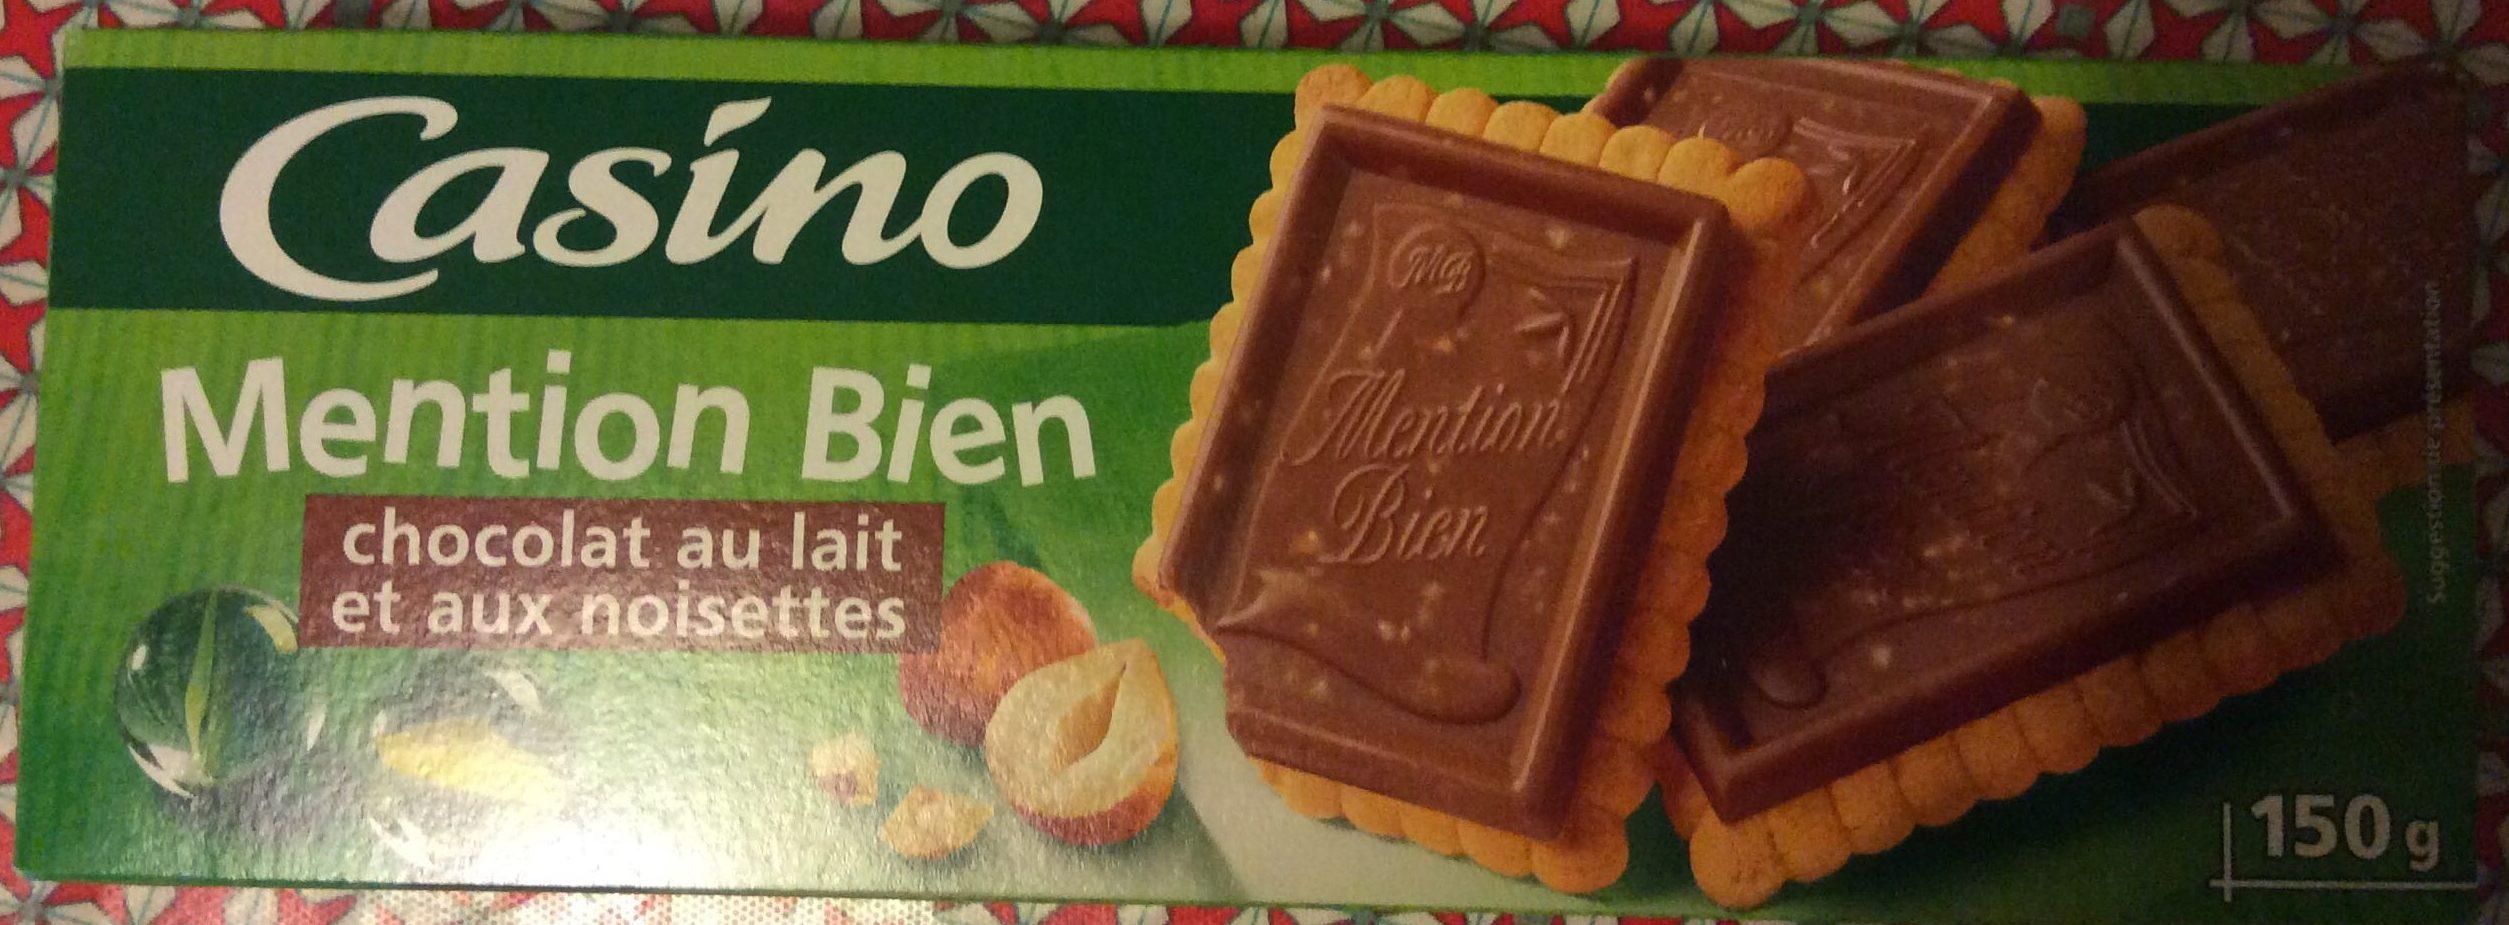 Mention Bien Chocolat au Lait et aux Noisettes - Product - fr